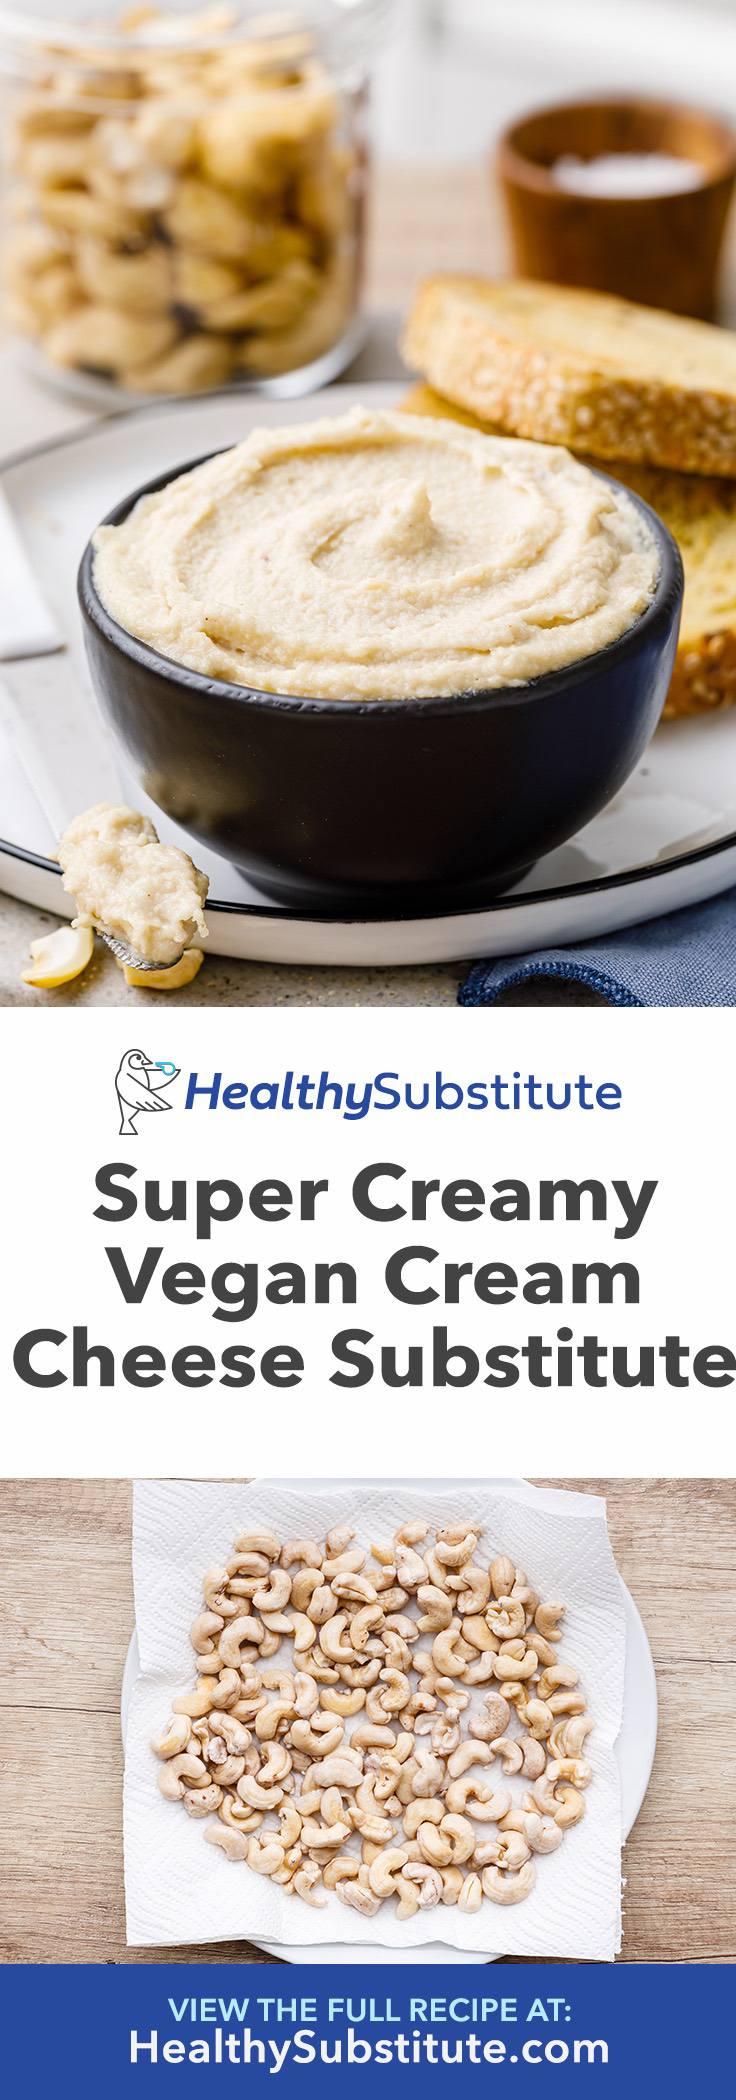 Super Creamy Vegan Cream Cheese Substitute